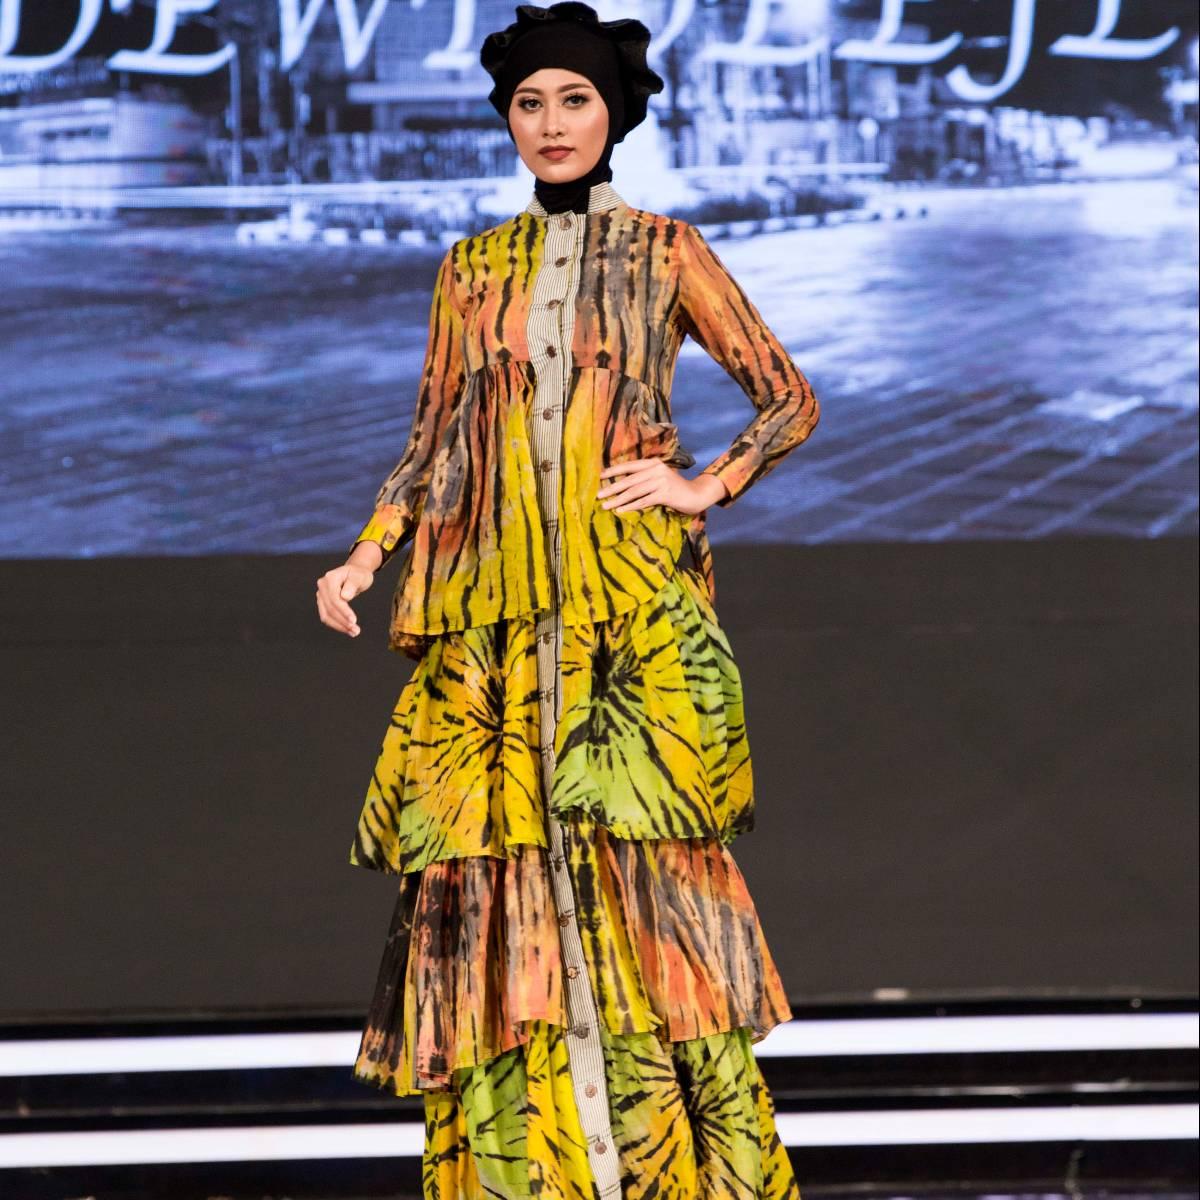 Ruffle Shibory Dress2